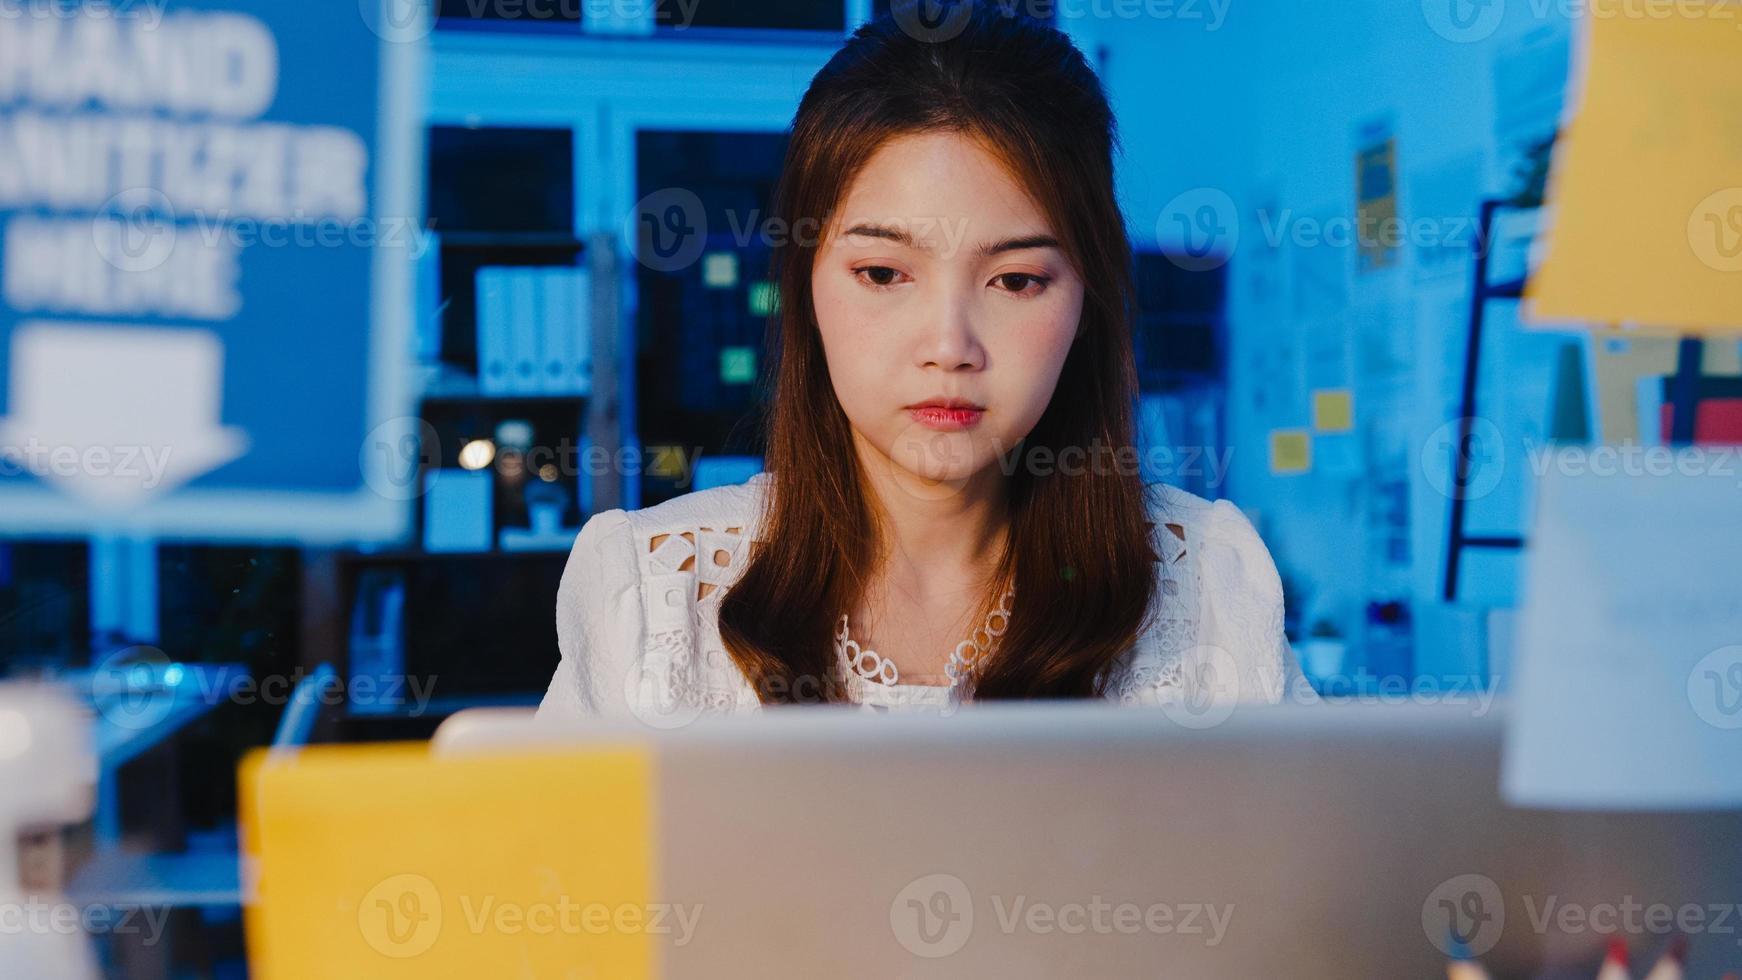 mulheres asiáticas freelance usando laptop trabalham duro no novo escritório doméstico normal. trabalho em casa sobrecarregada à noite, trabalho remoto, auto-isolamento, distanciamento social, quarentena para prevenção do vírus corona. foto